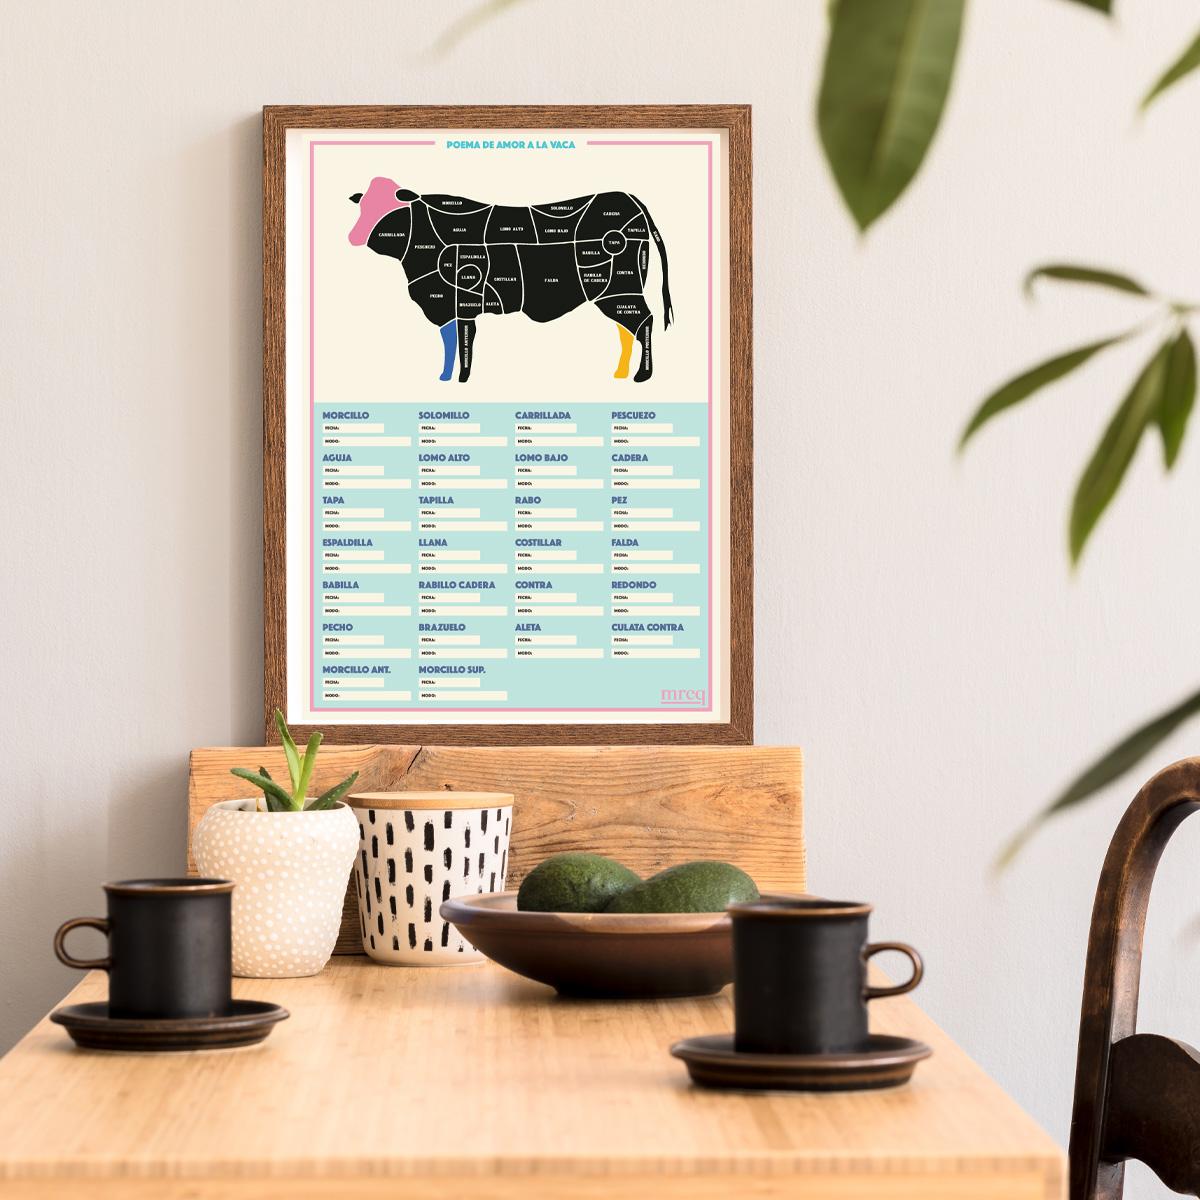 Poema de amor a la vaca